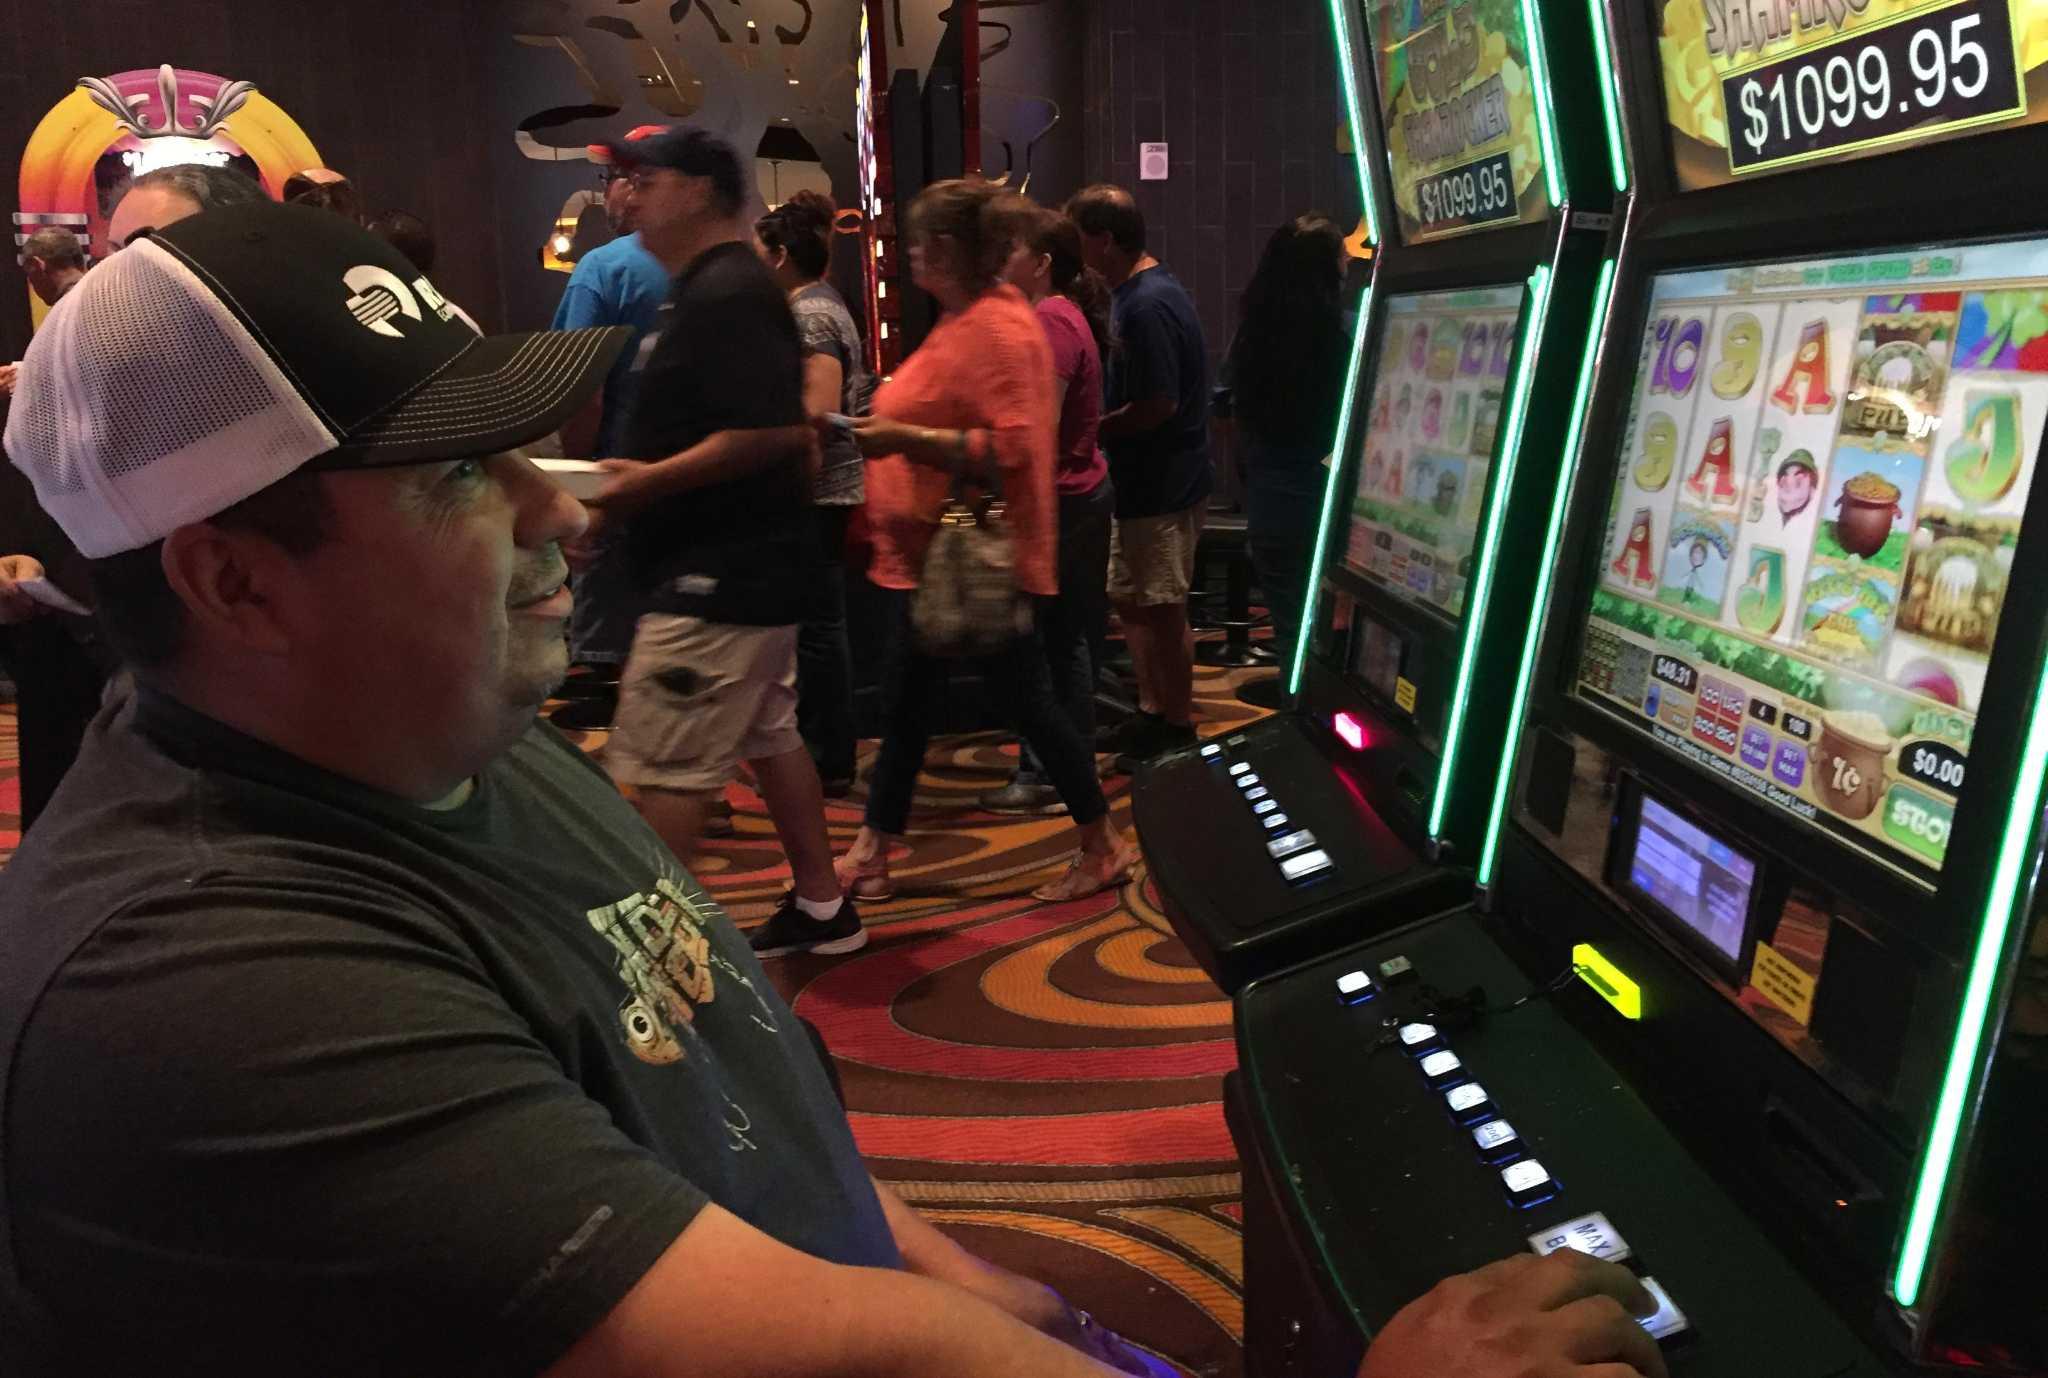 San antonio gambling laws pub slot machines free online